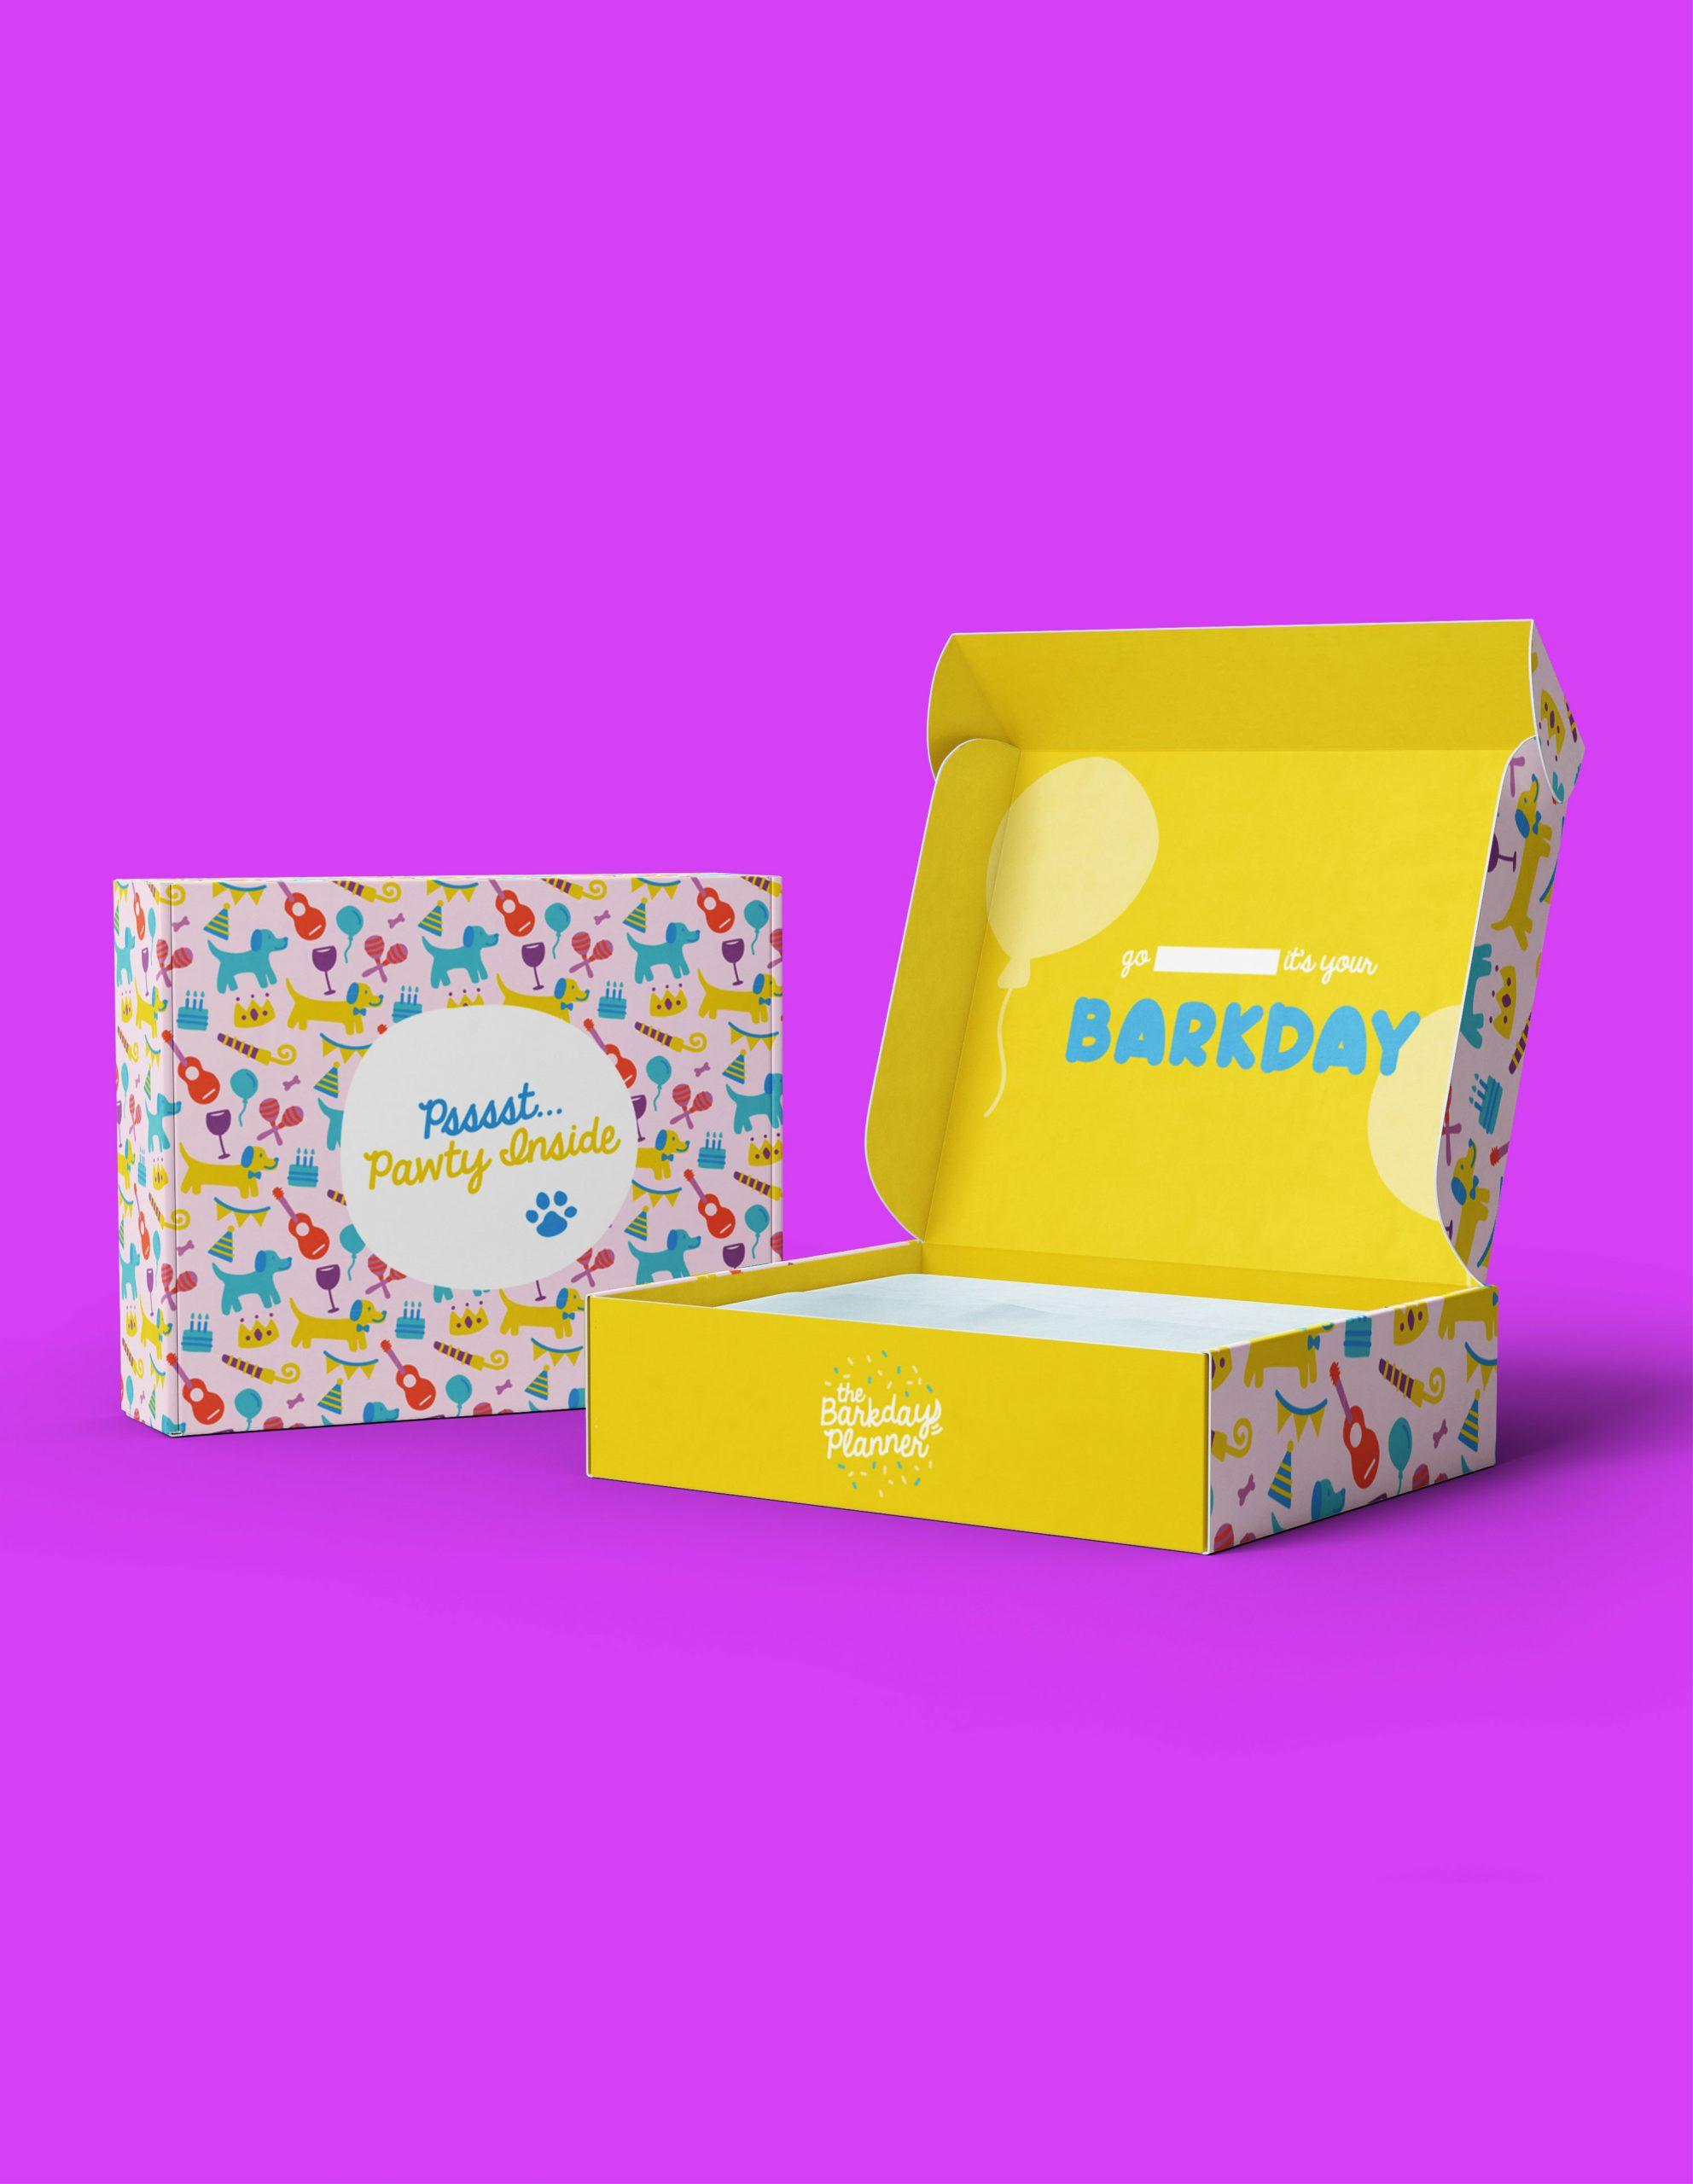 bark day yellow gift box